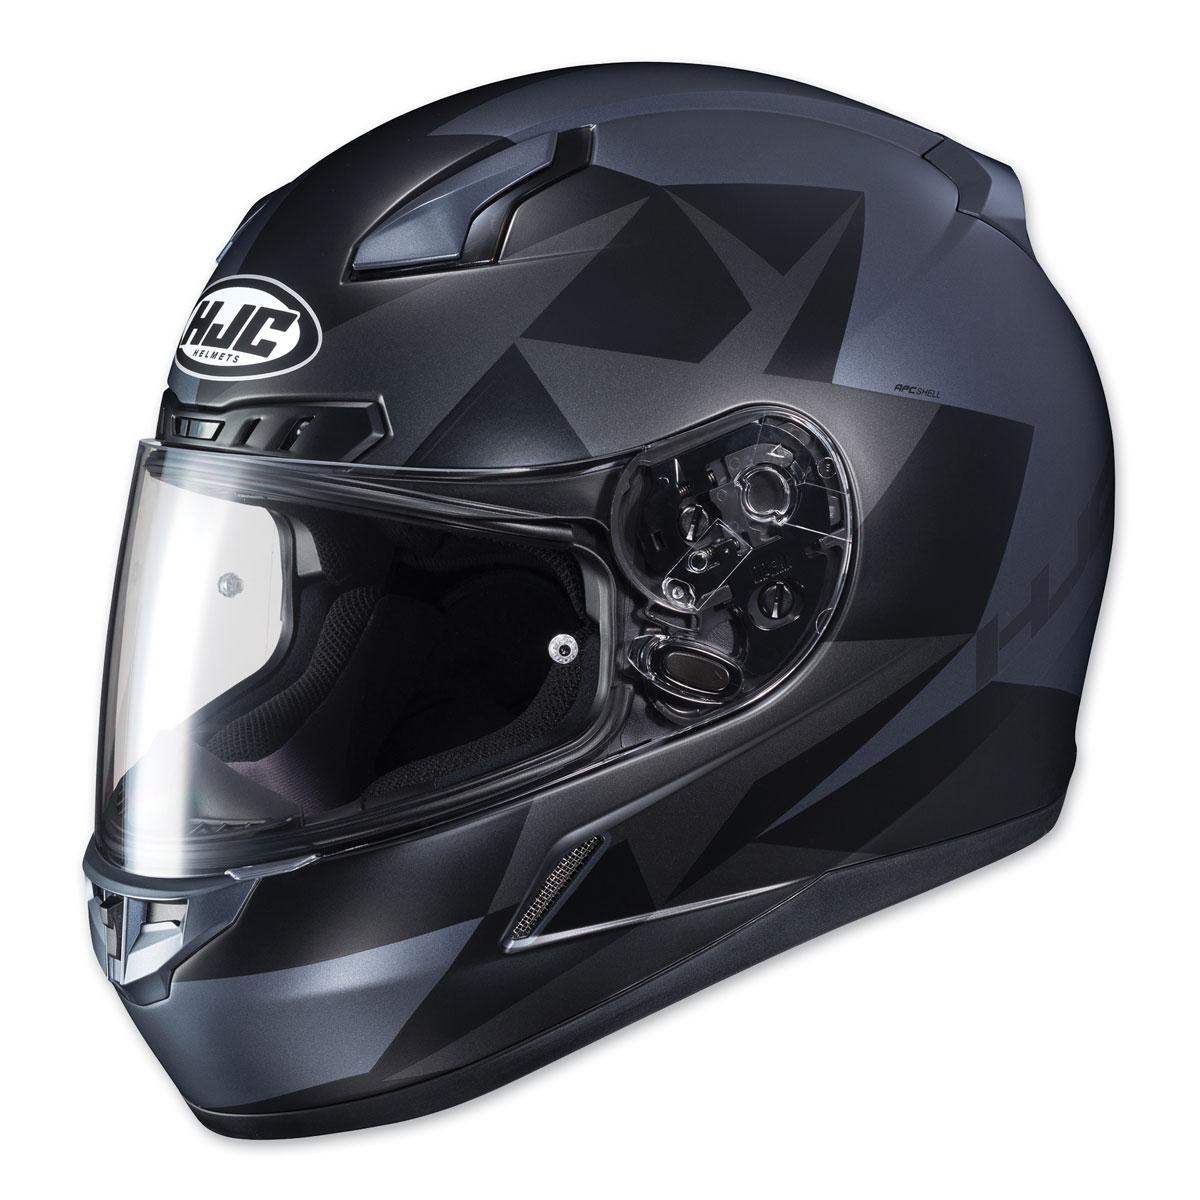 HJC CL-17 Ragua Gray/Black Full Face Helmet